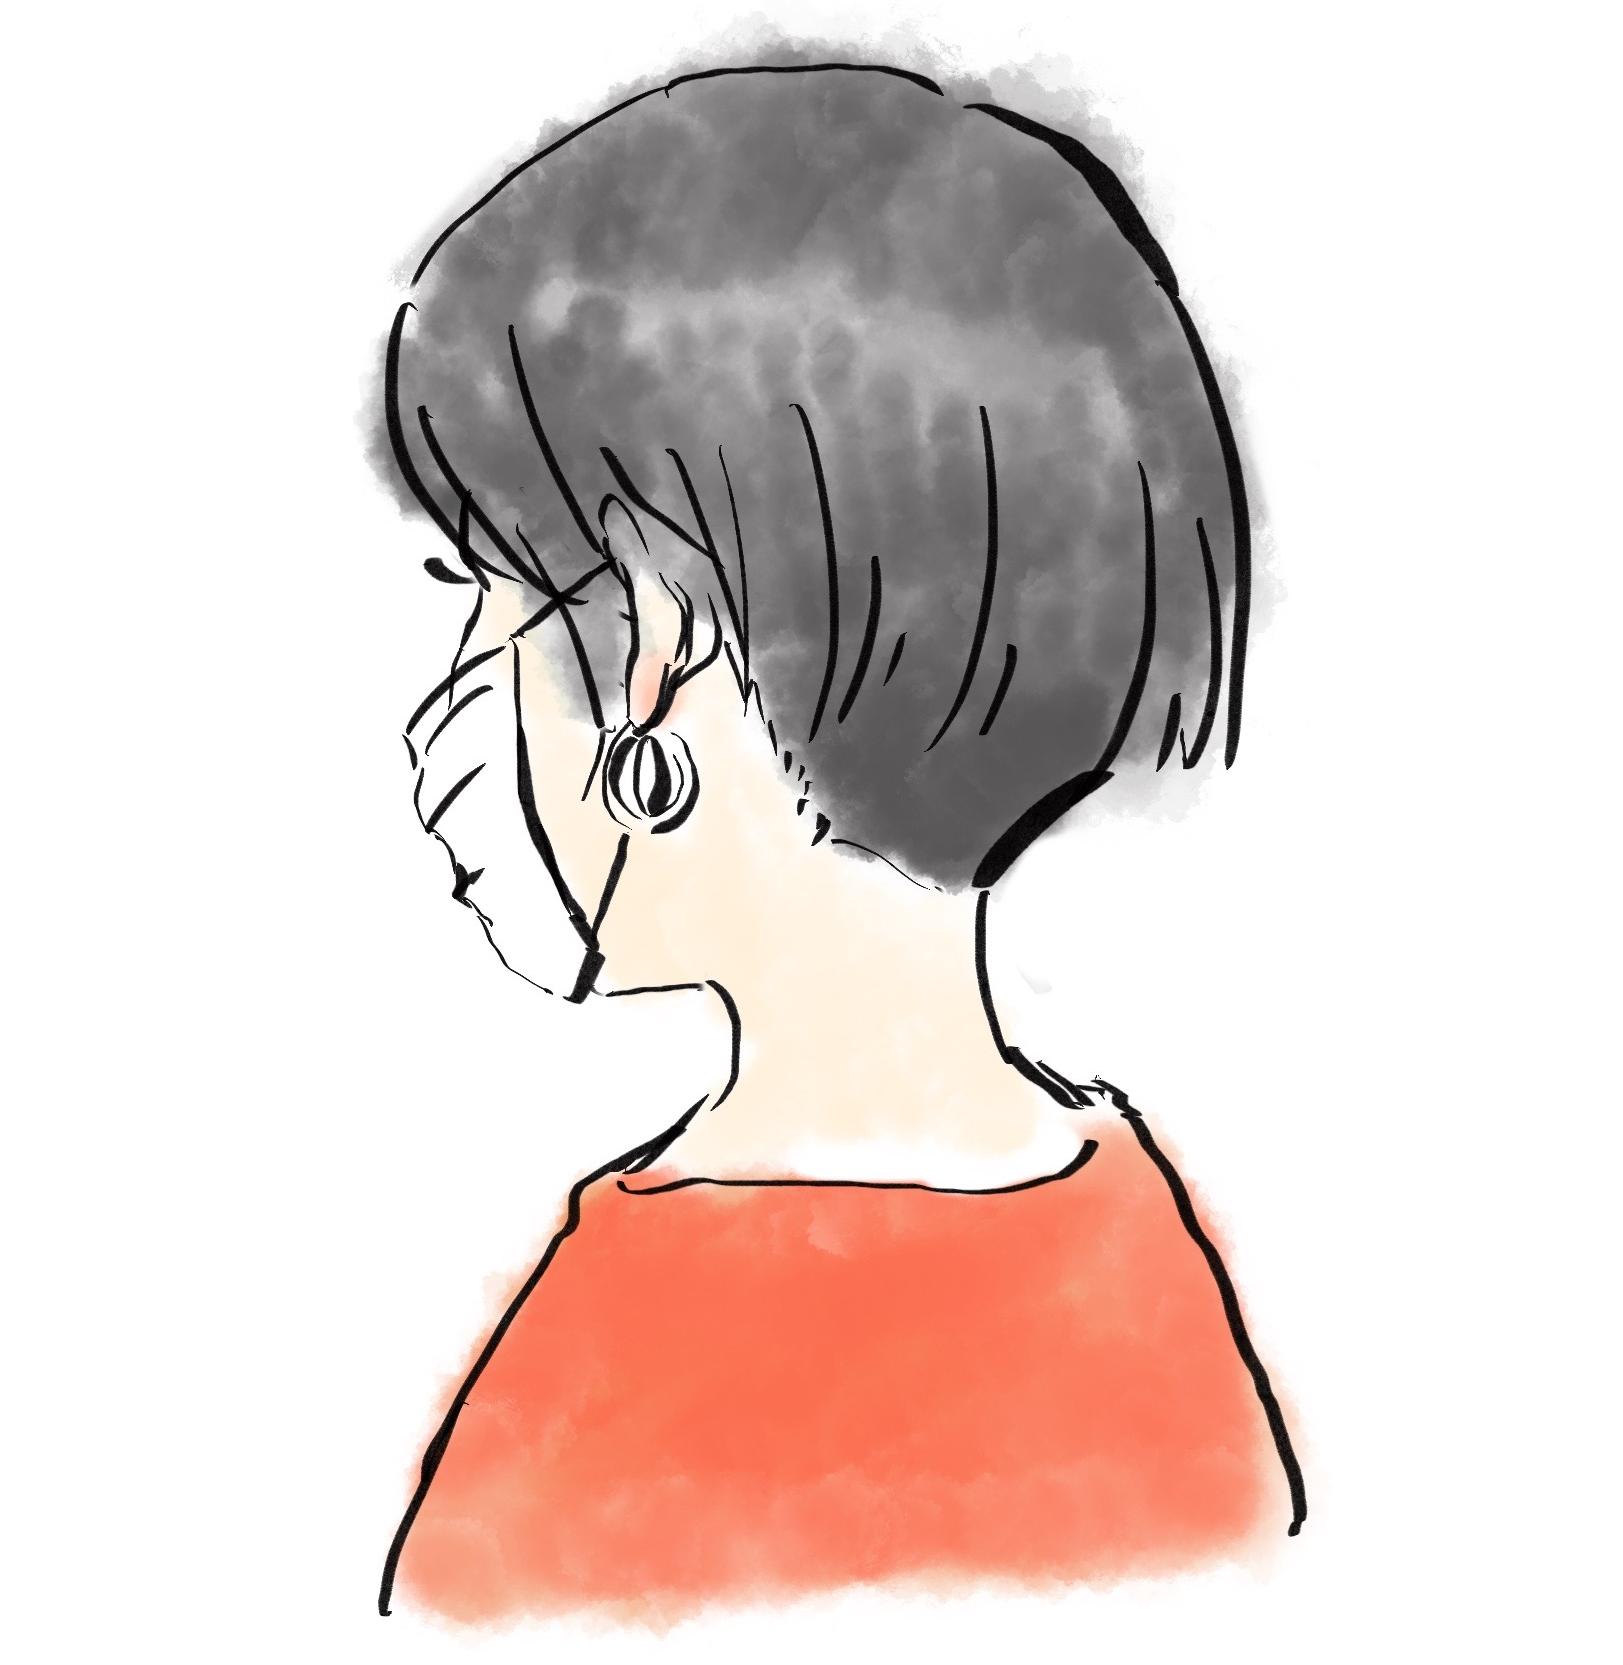 Masamichi Ishiyama